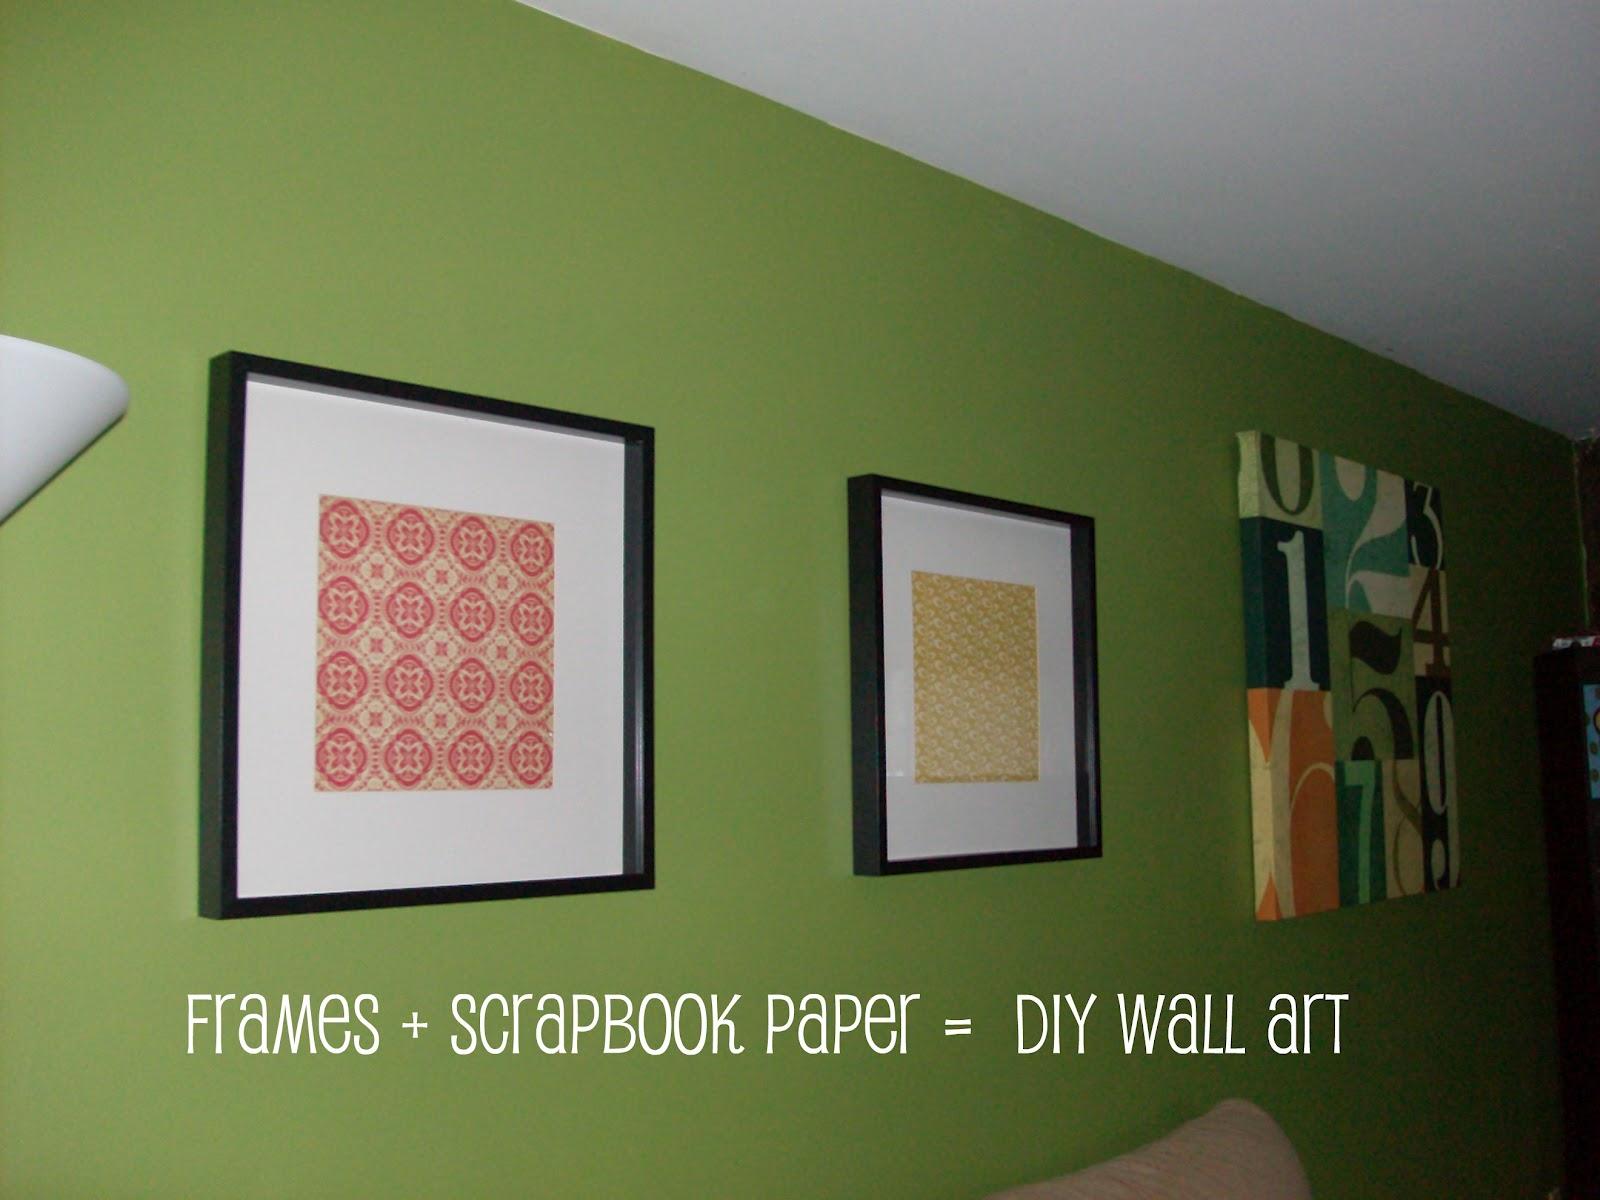 Diy Wall Art With Scrapbook Paper : A dozen years later frames scrapbook paper diy wall art